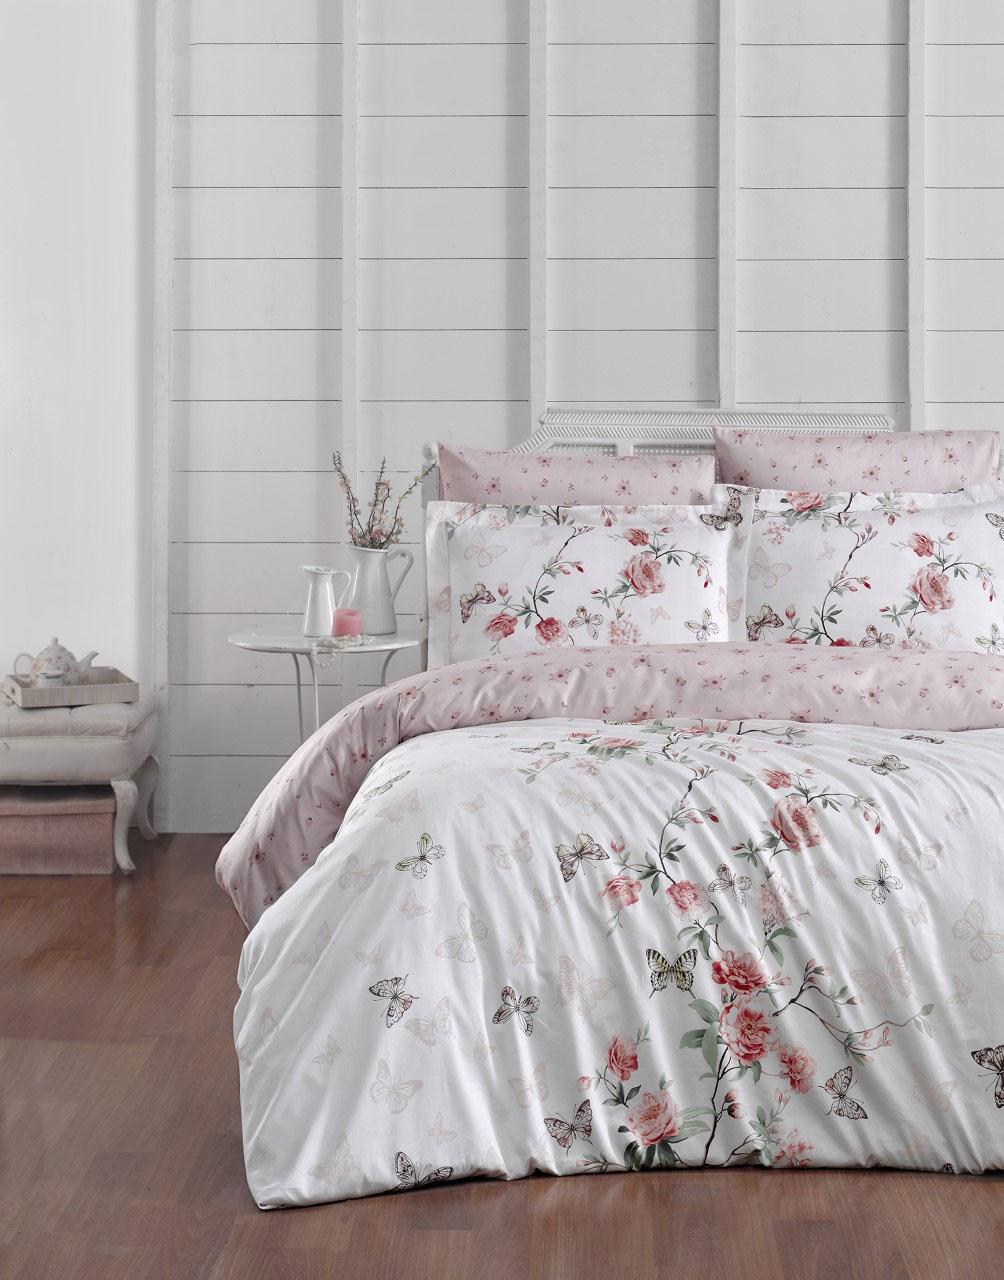 Комплект постельного белья из сатина 10879 Matilde белый Doco